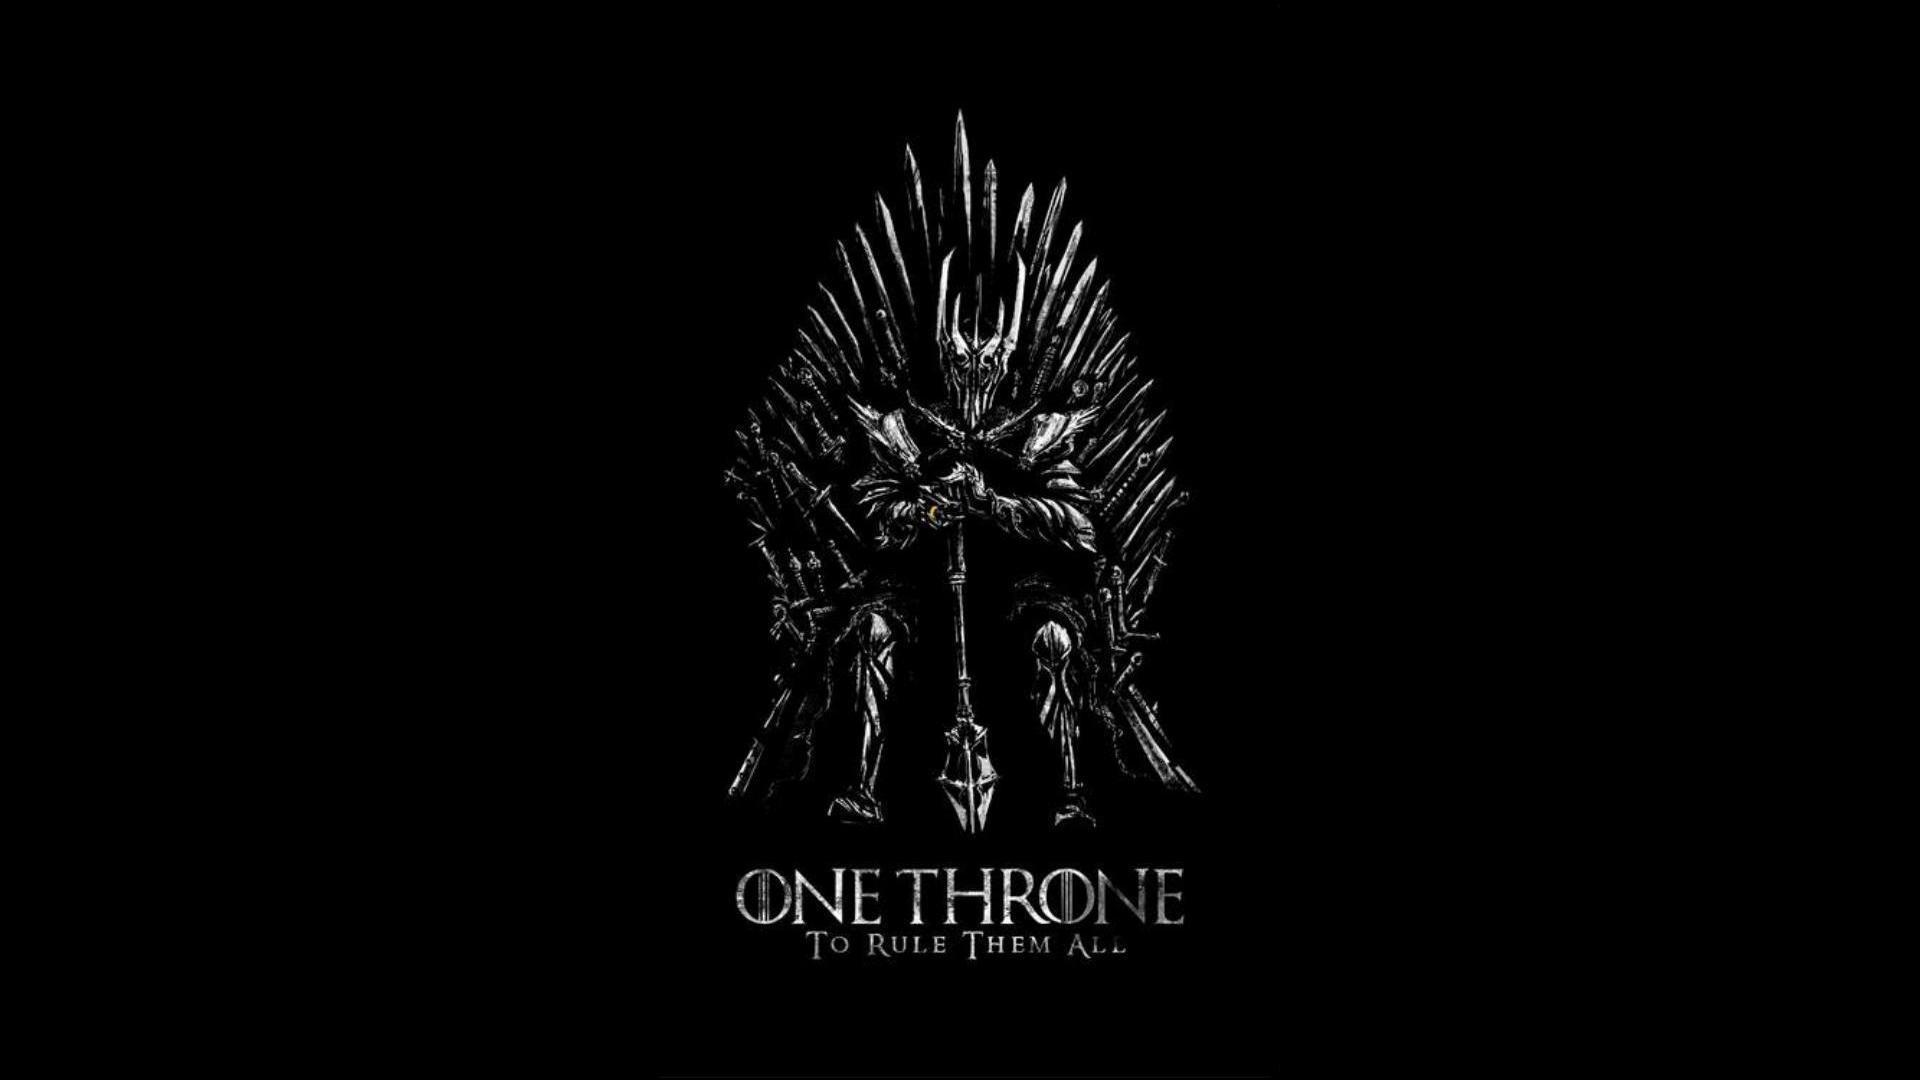 Game Of Thrones Wallpaper 2560x1440 Wallpapersafari